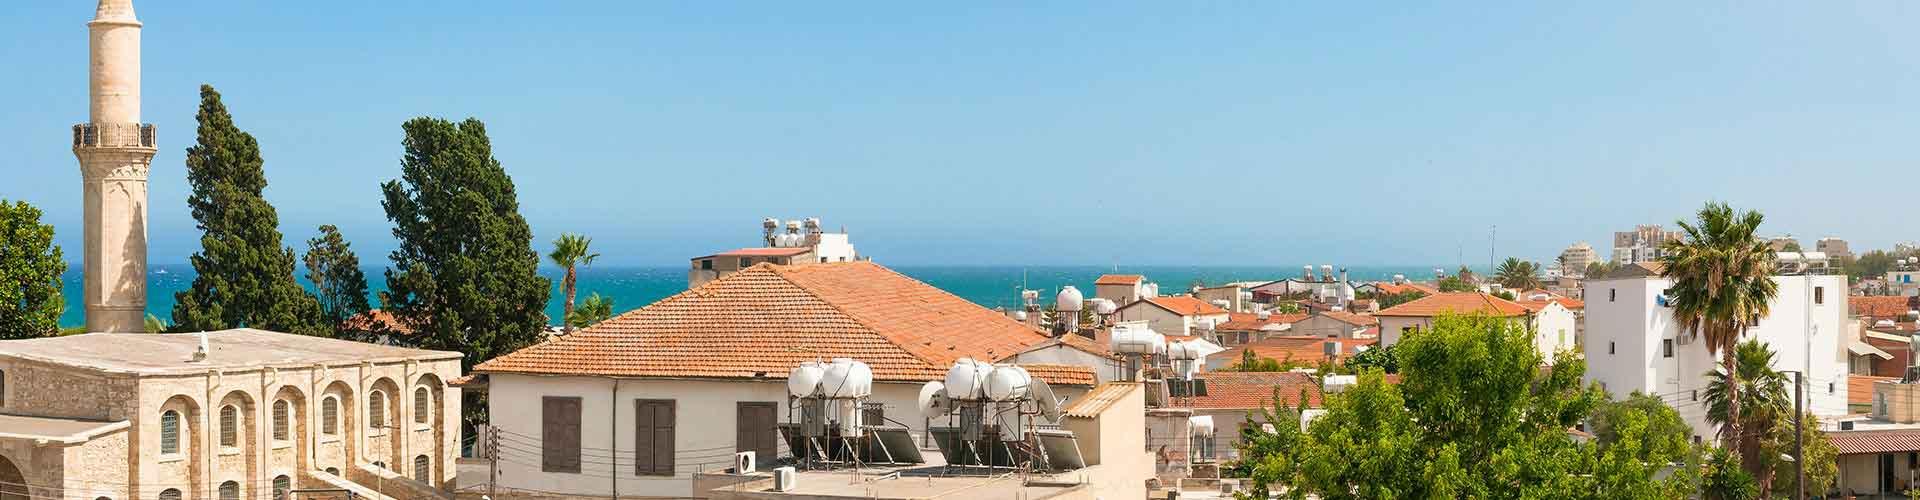 Larnaca - Hostales en Larnaca. Mapas de Larnaca, Fotos y comentarios de cada Hostal en Larnaca.